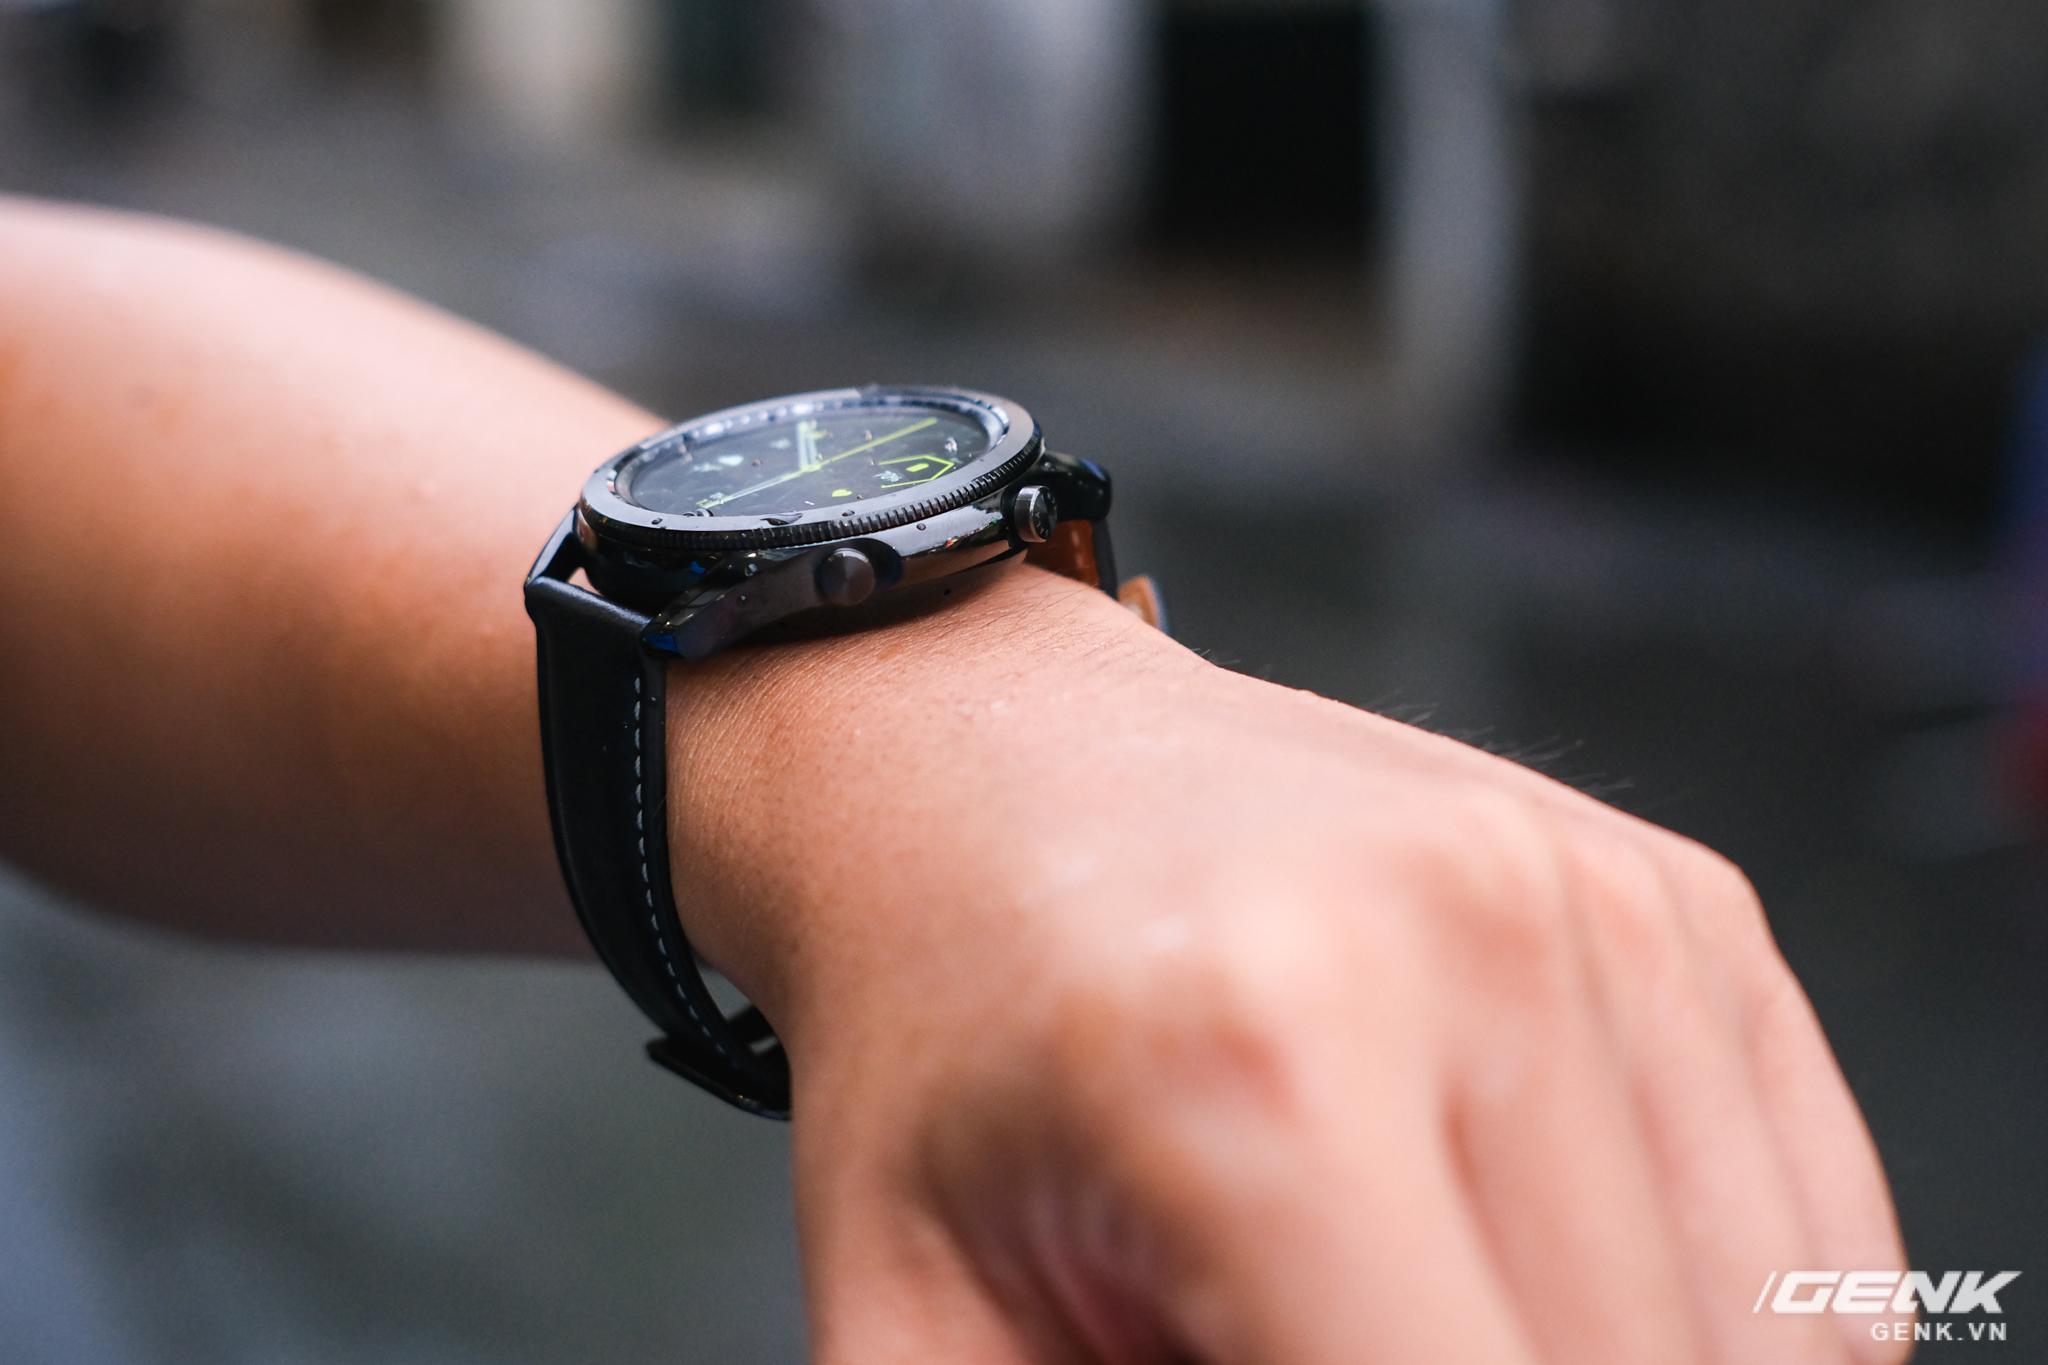 Mở hộp Galaxy Watch3 mặt 45mm: Thiết kế thanh lịch hơn, trang bị khả năng đo nồng độ oxy trong máu, có hơn 120 bài tập tại nhà, bản GPS giá từ 9,99 triệu đồng - Ảnh 14.